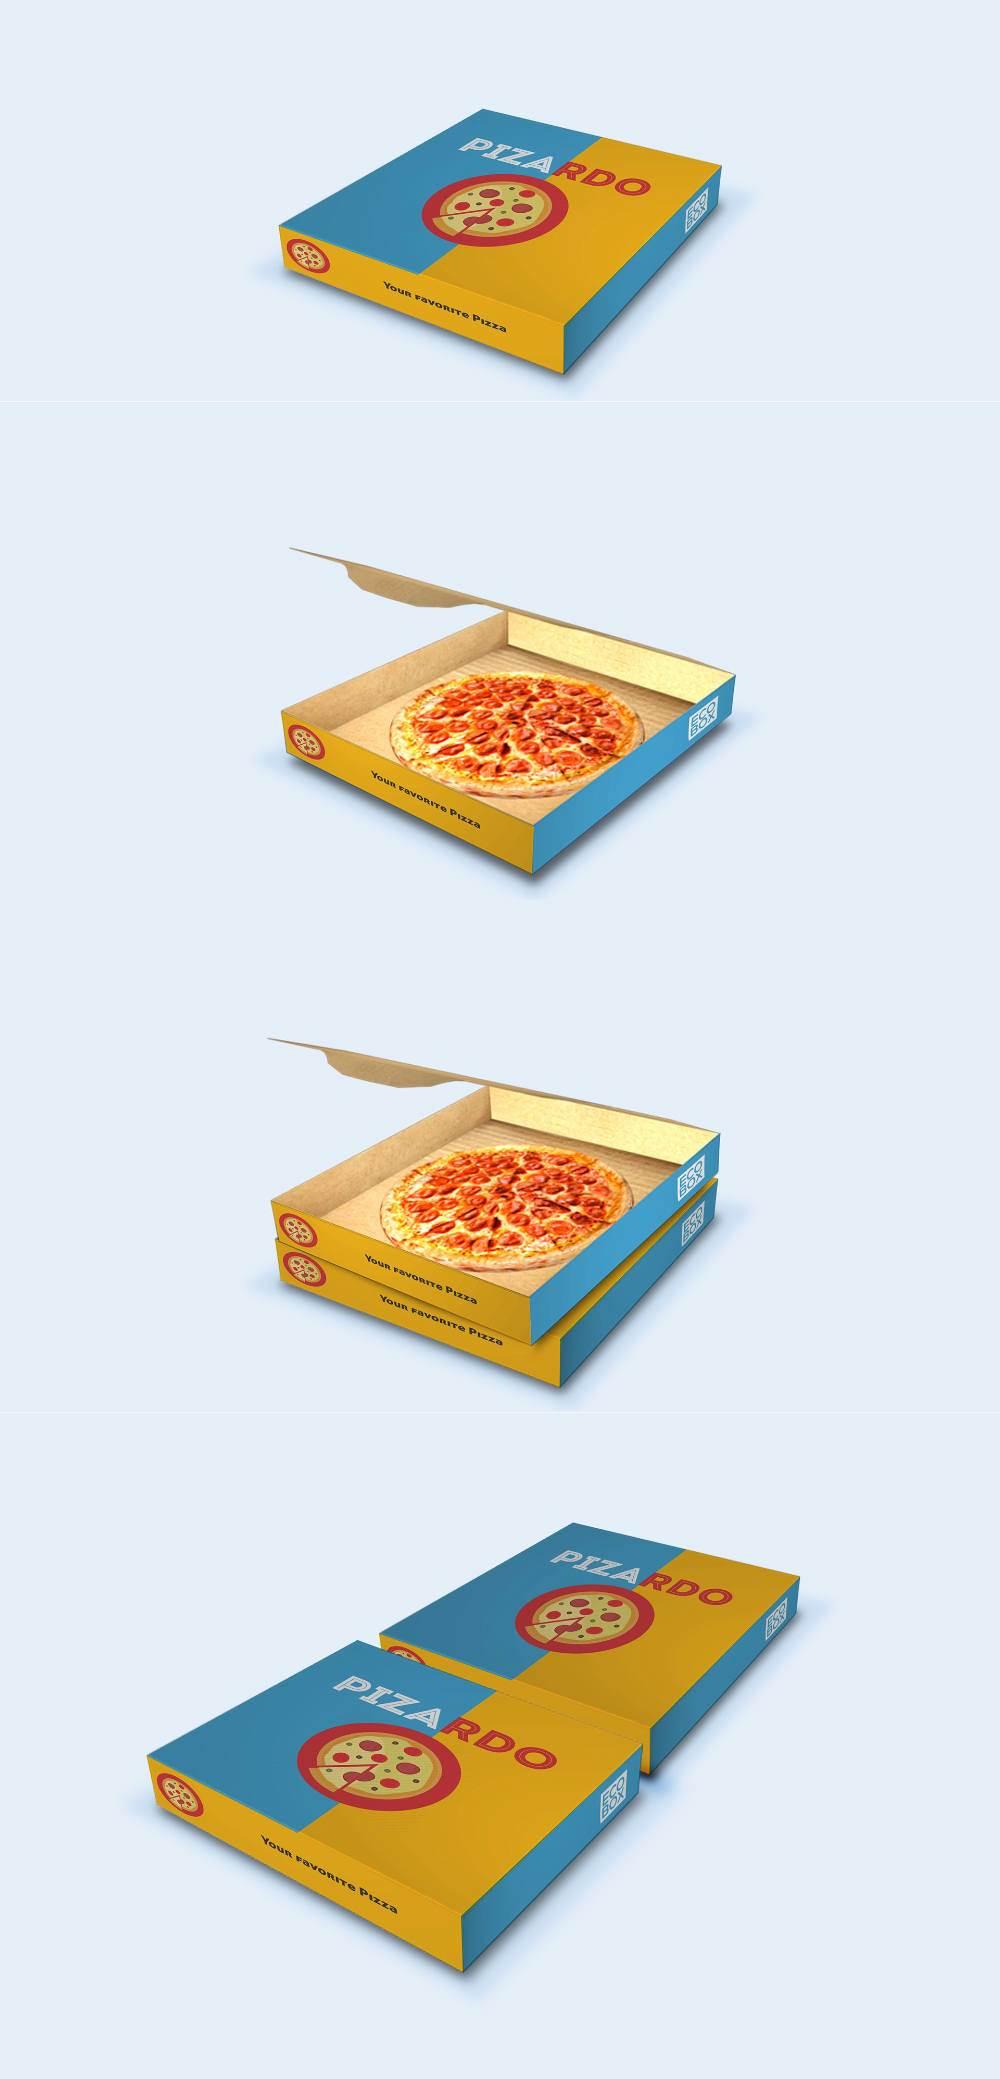 موکاپ جعبه ساده پیتزا با در باز و بسته